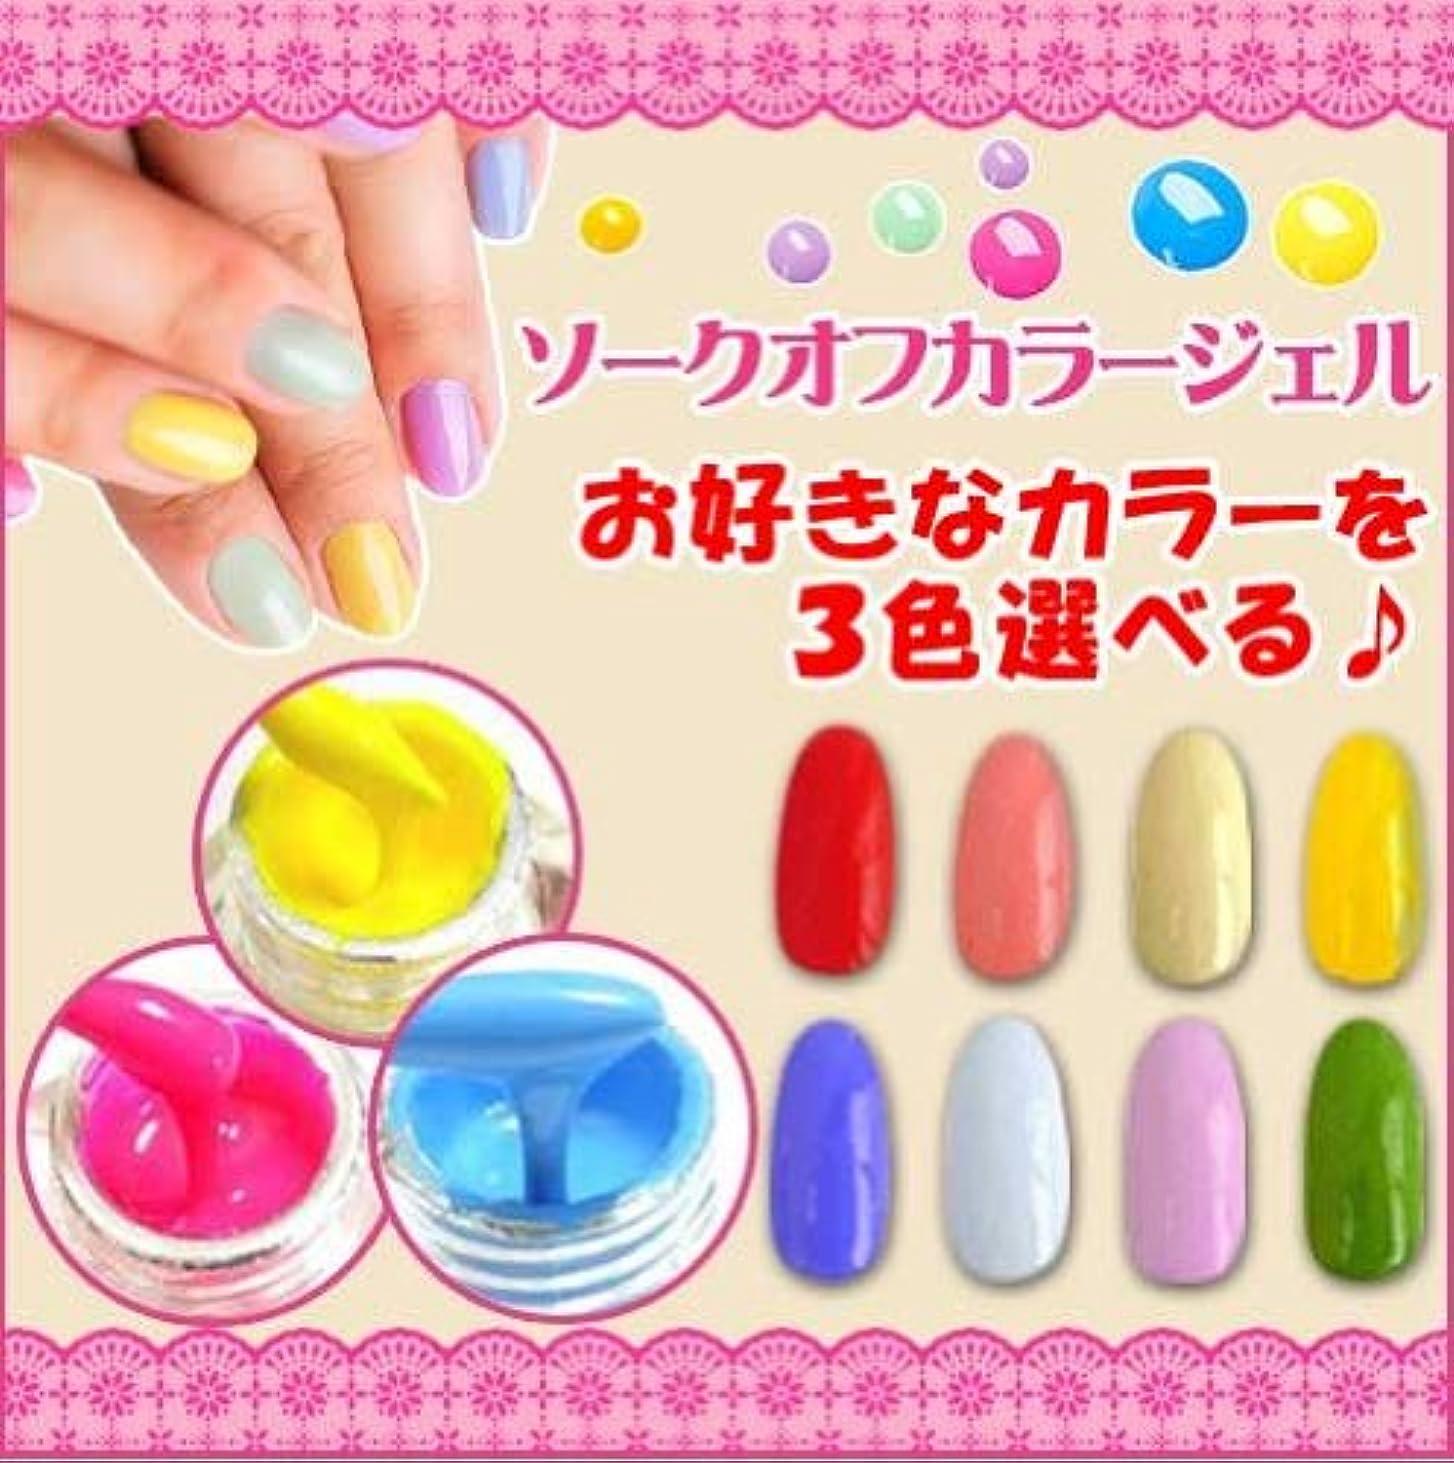 一節恋人わかる【好きなカラーが選べる?】カラージェル3色セット☆発色抜群